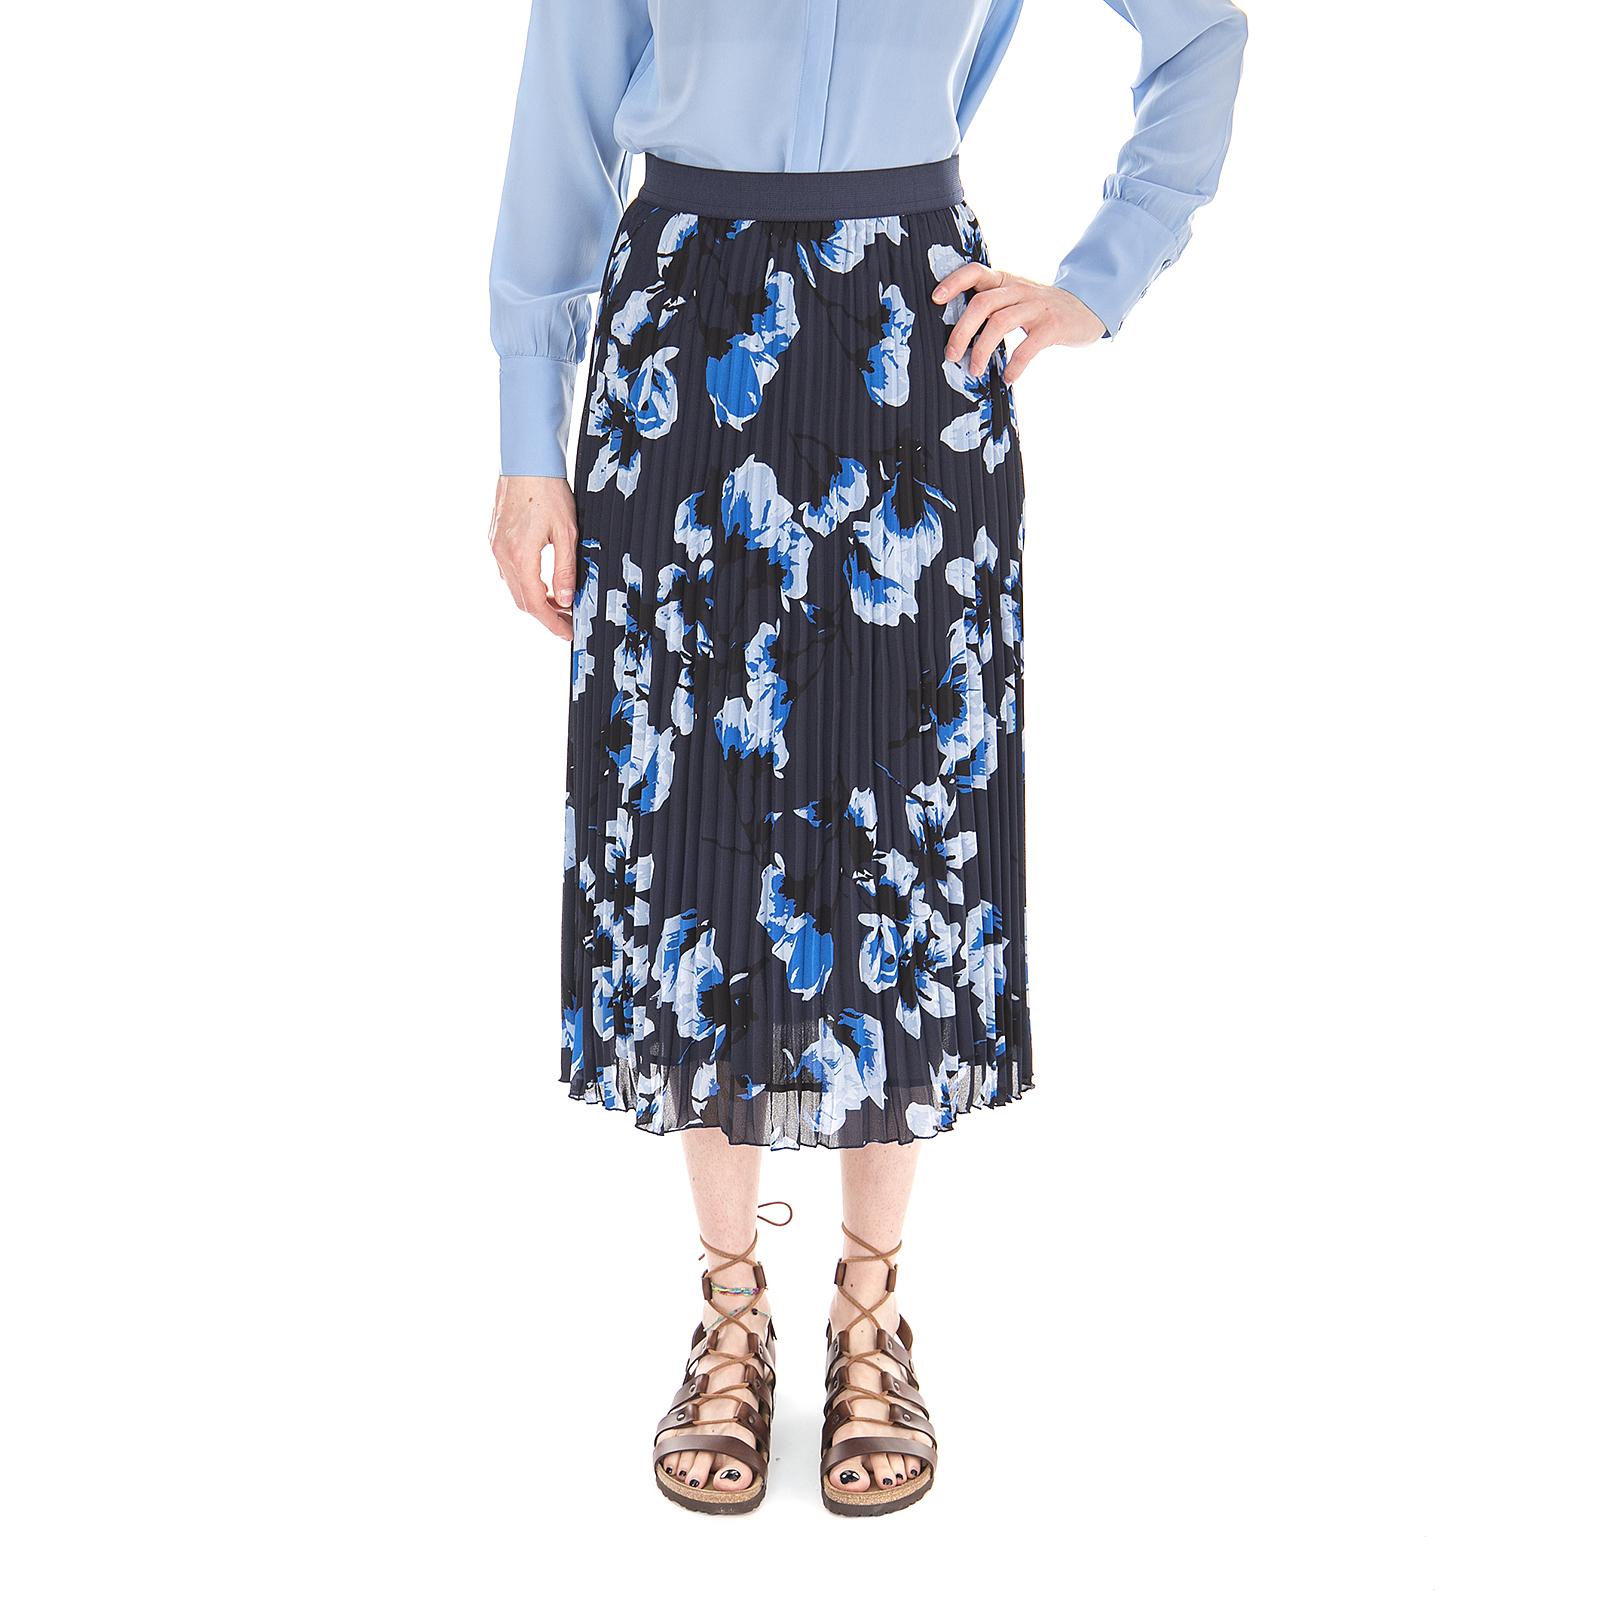 Minimum Gonne Chloe 0098 Dress bluee bluee